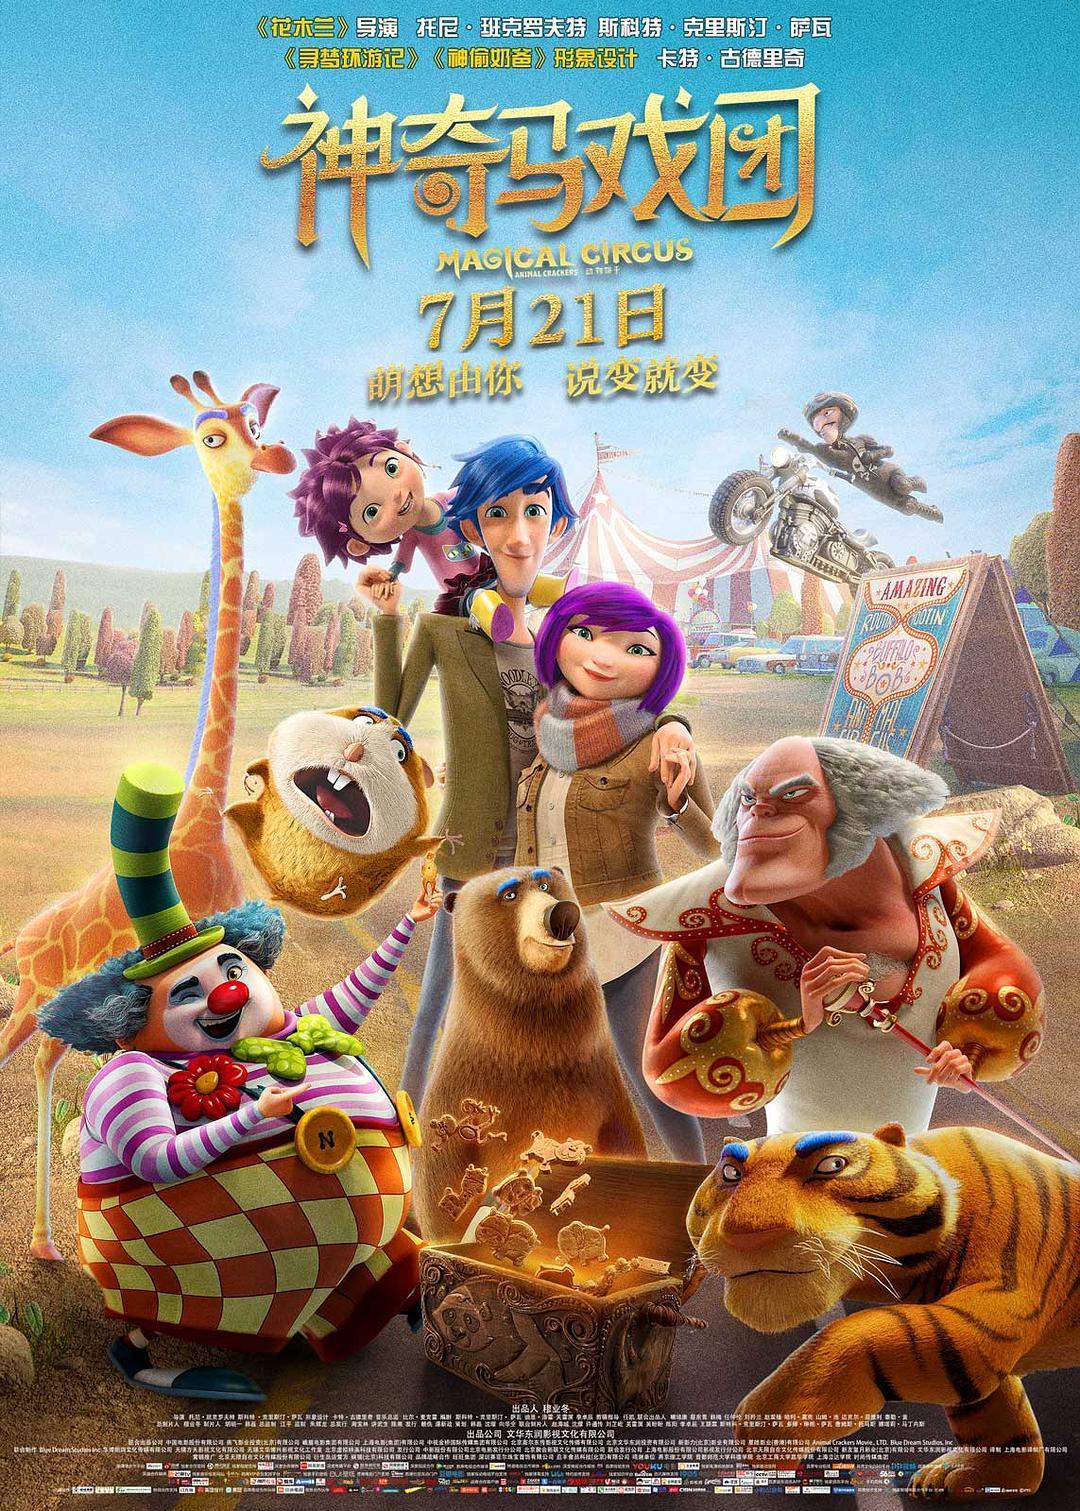 神奇马戏团之动物饼干